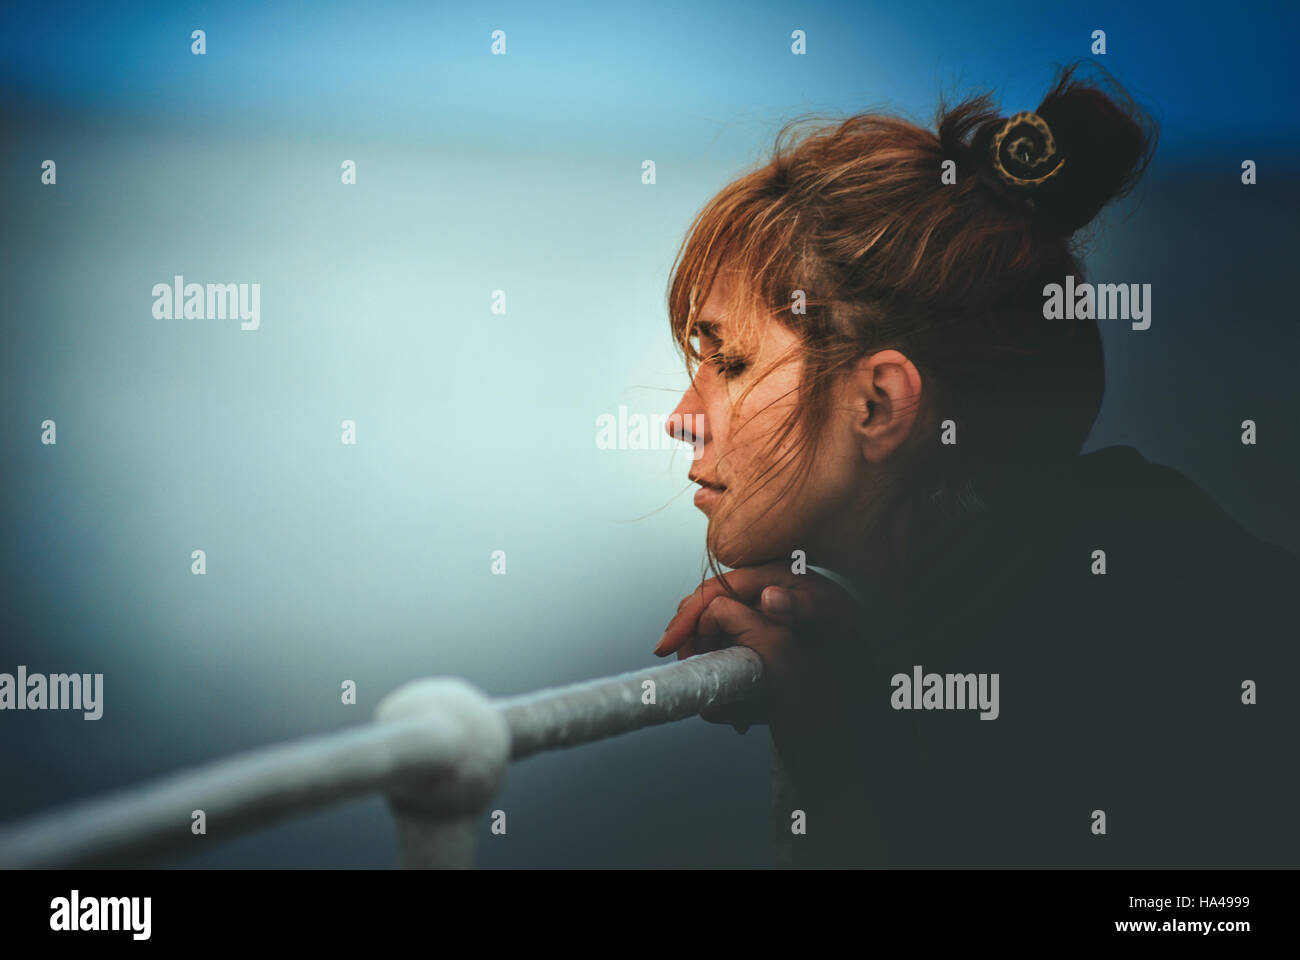 Mujer joven descansando su cabeza en un poste mirando el mar Imagen De Stock